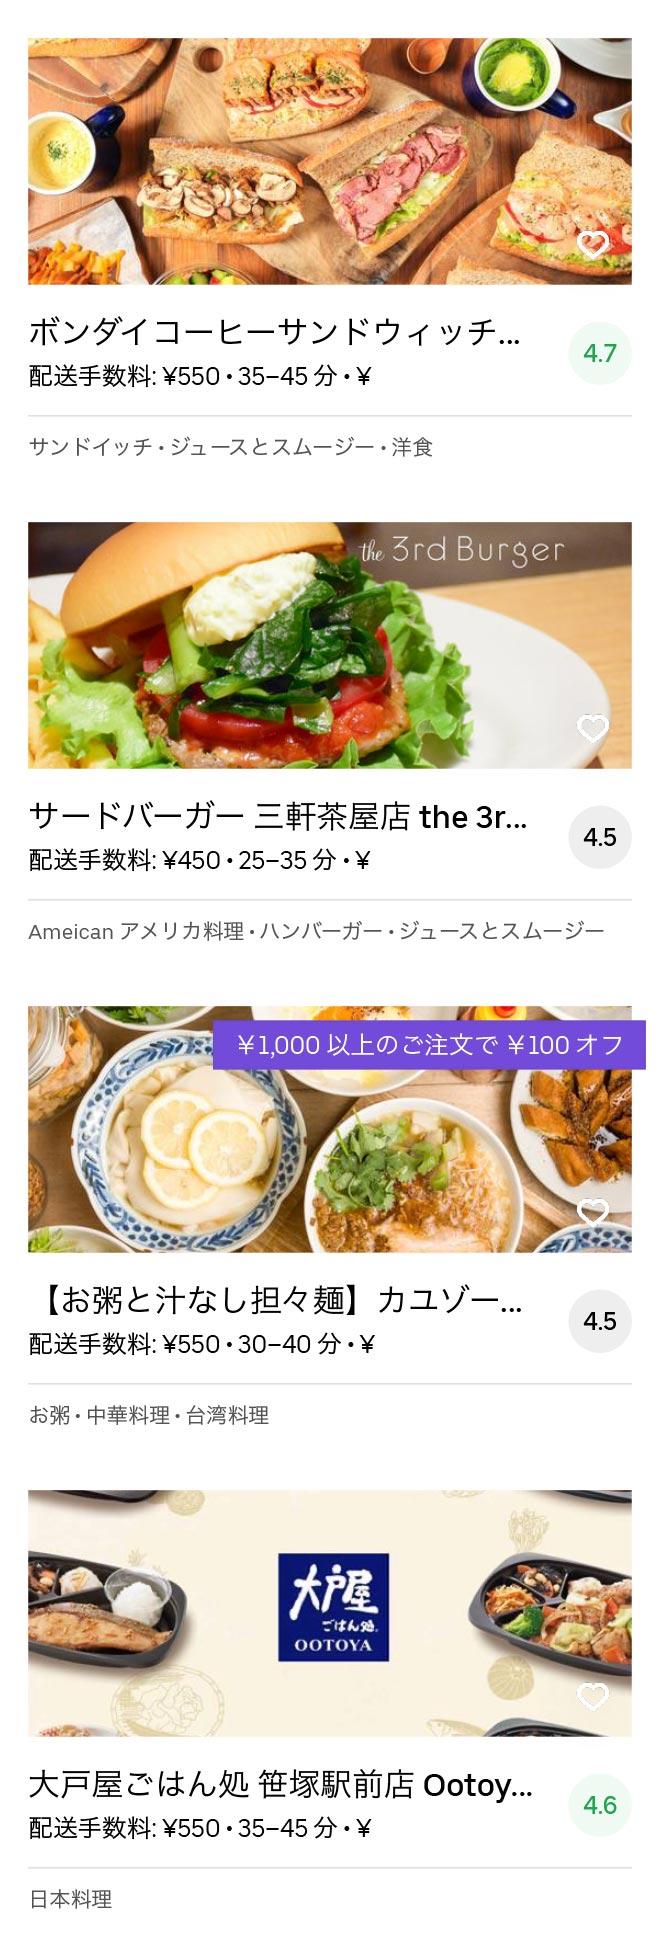 Tokyo kyodo menu 2005 10